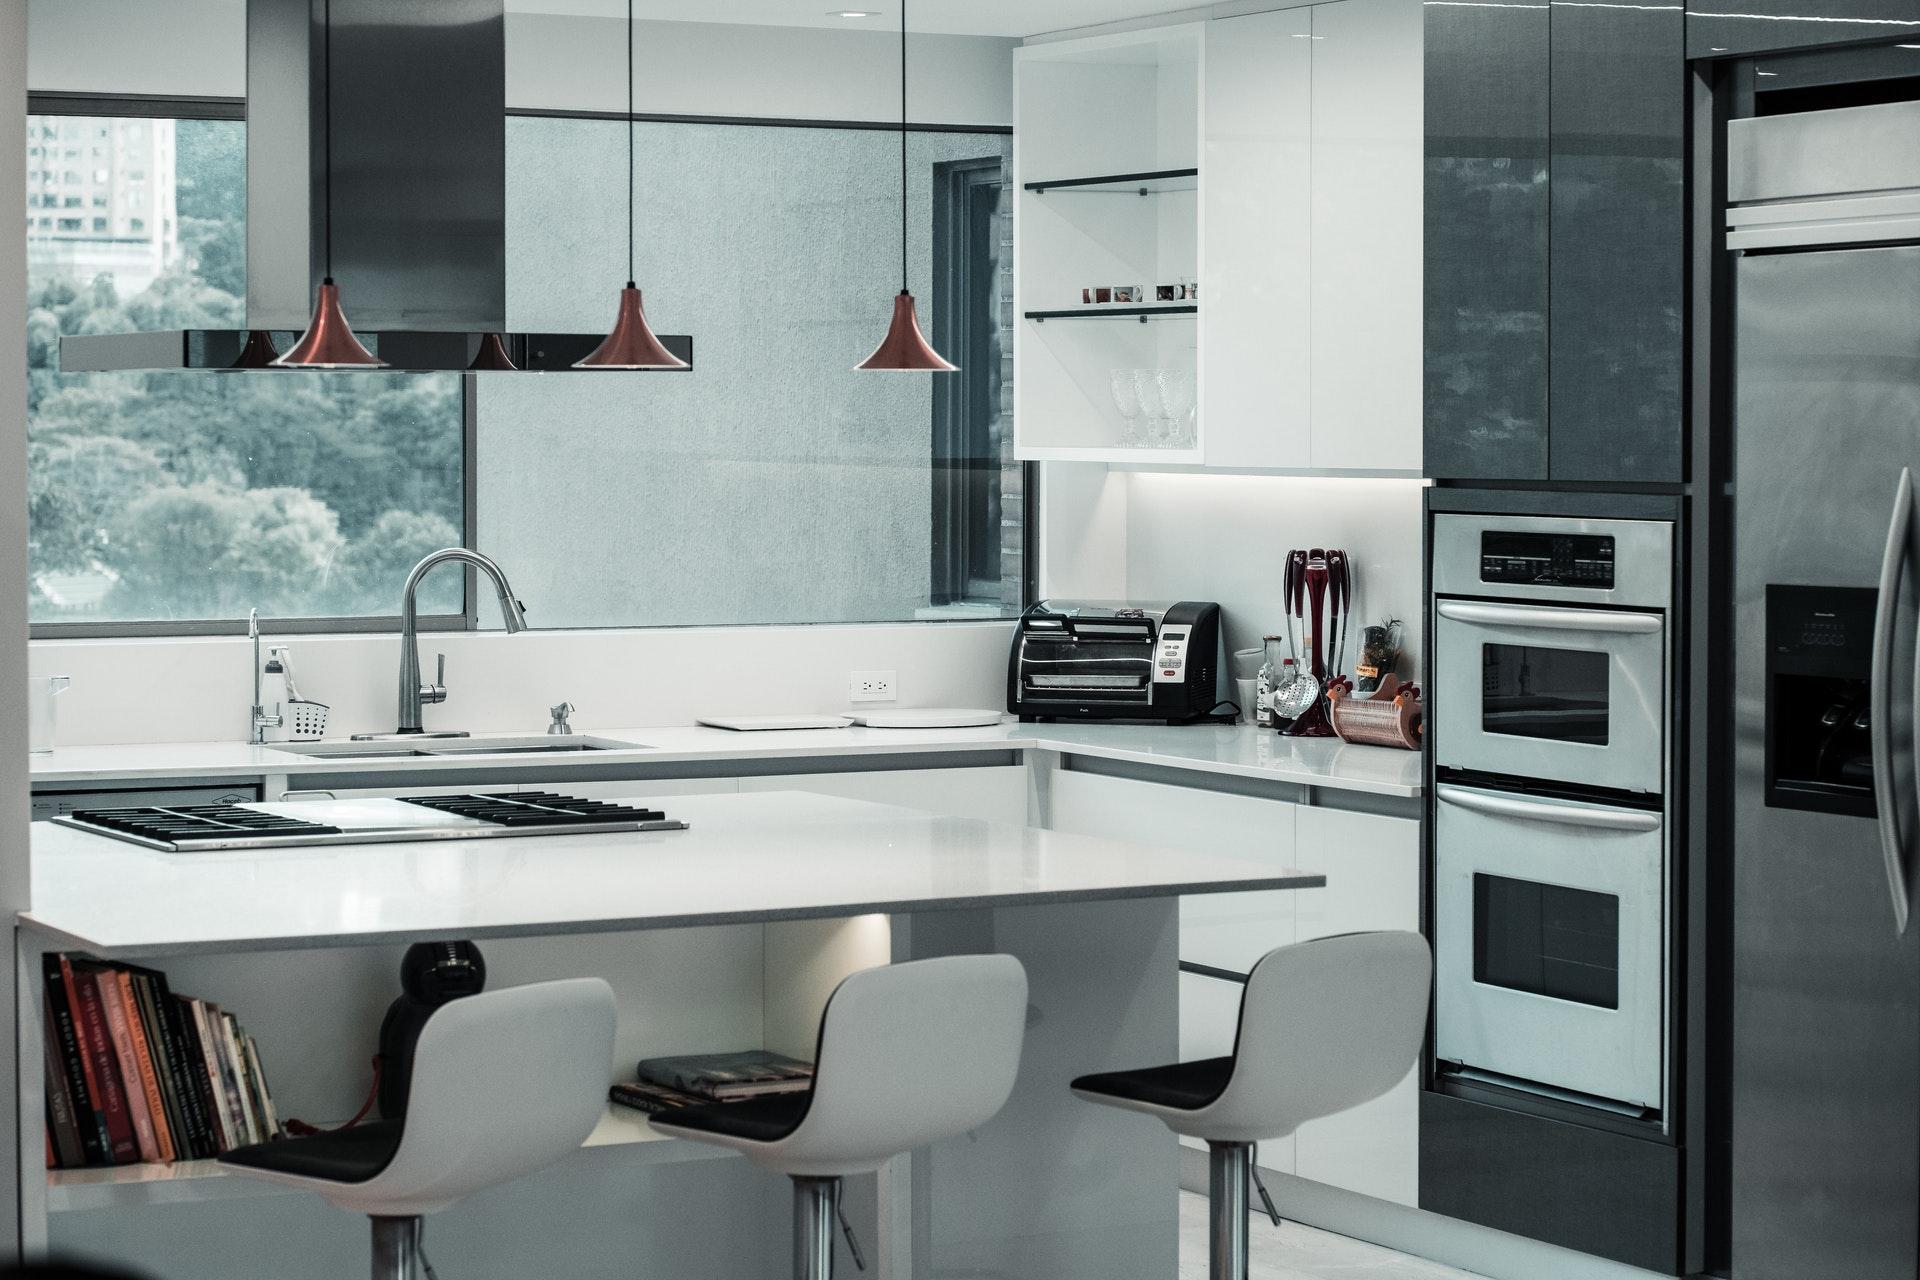 кухня с големи прозорци